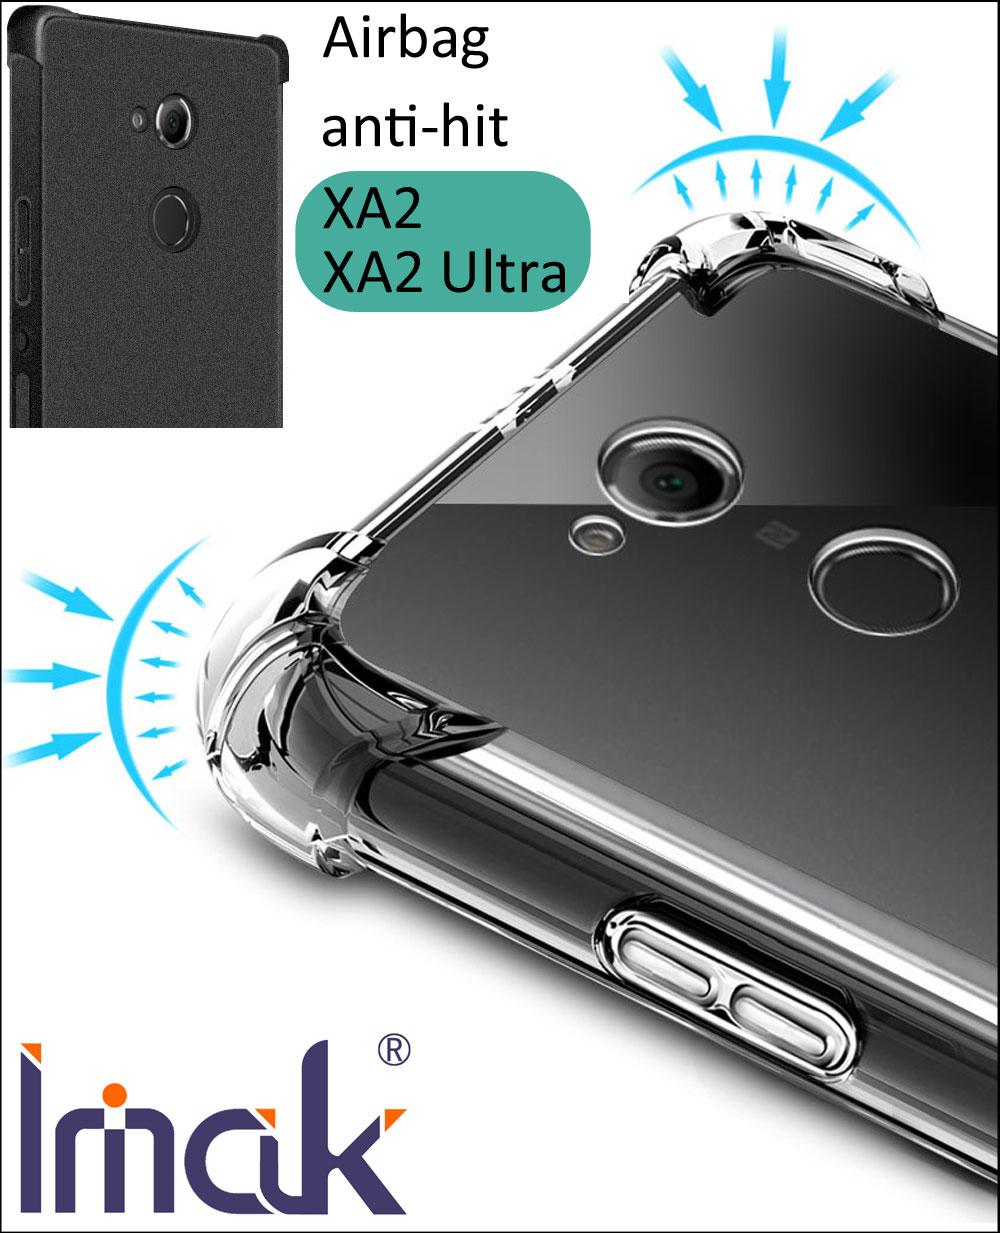 IMAK Airbag Cas Pour Sony Xperia XA2 Ultra Baisse résistance anti frappé Choc Tpu Silicone Couverture